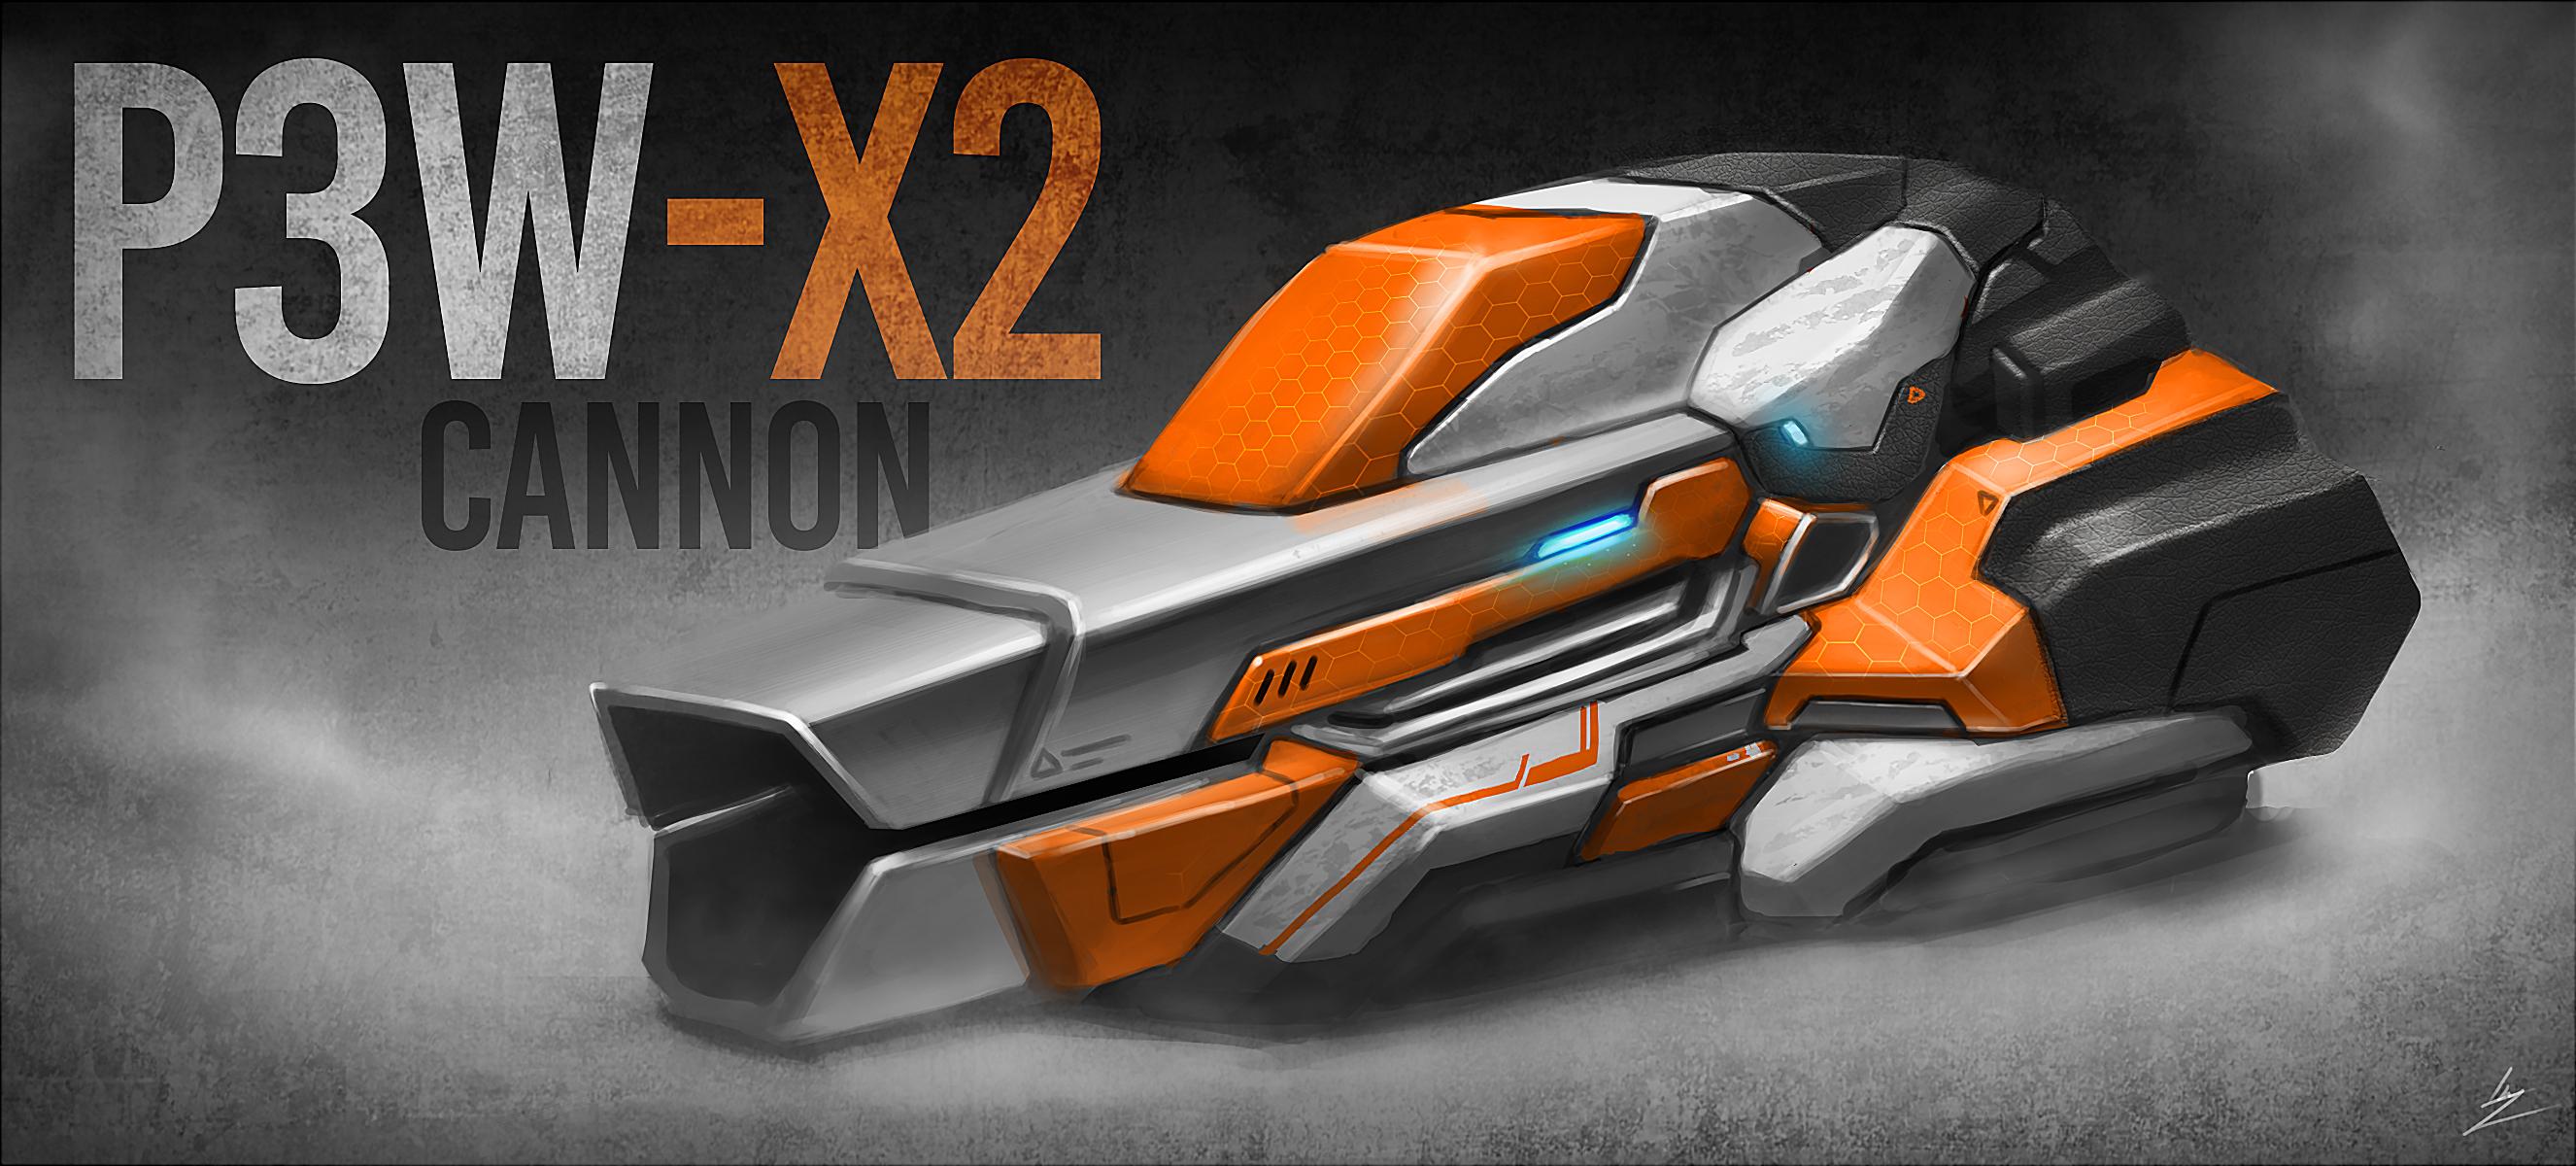 P3W-X2 Cannon Concept